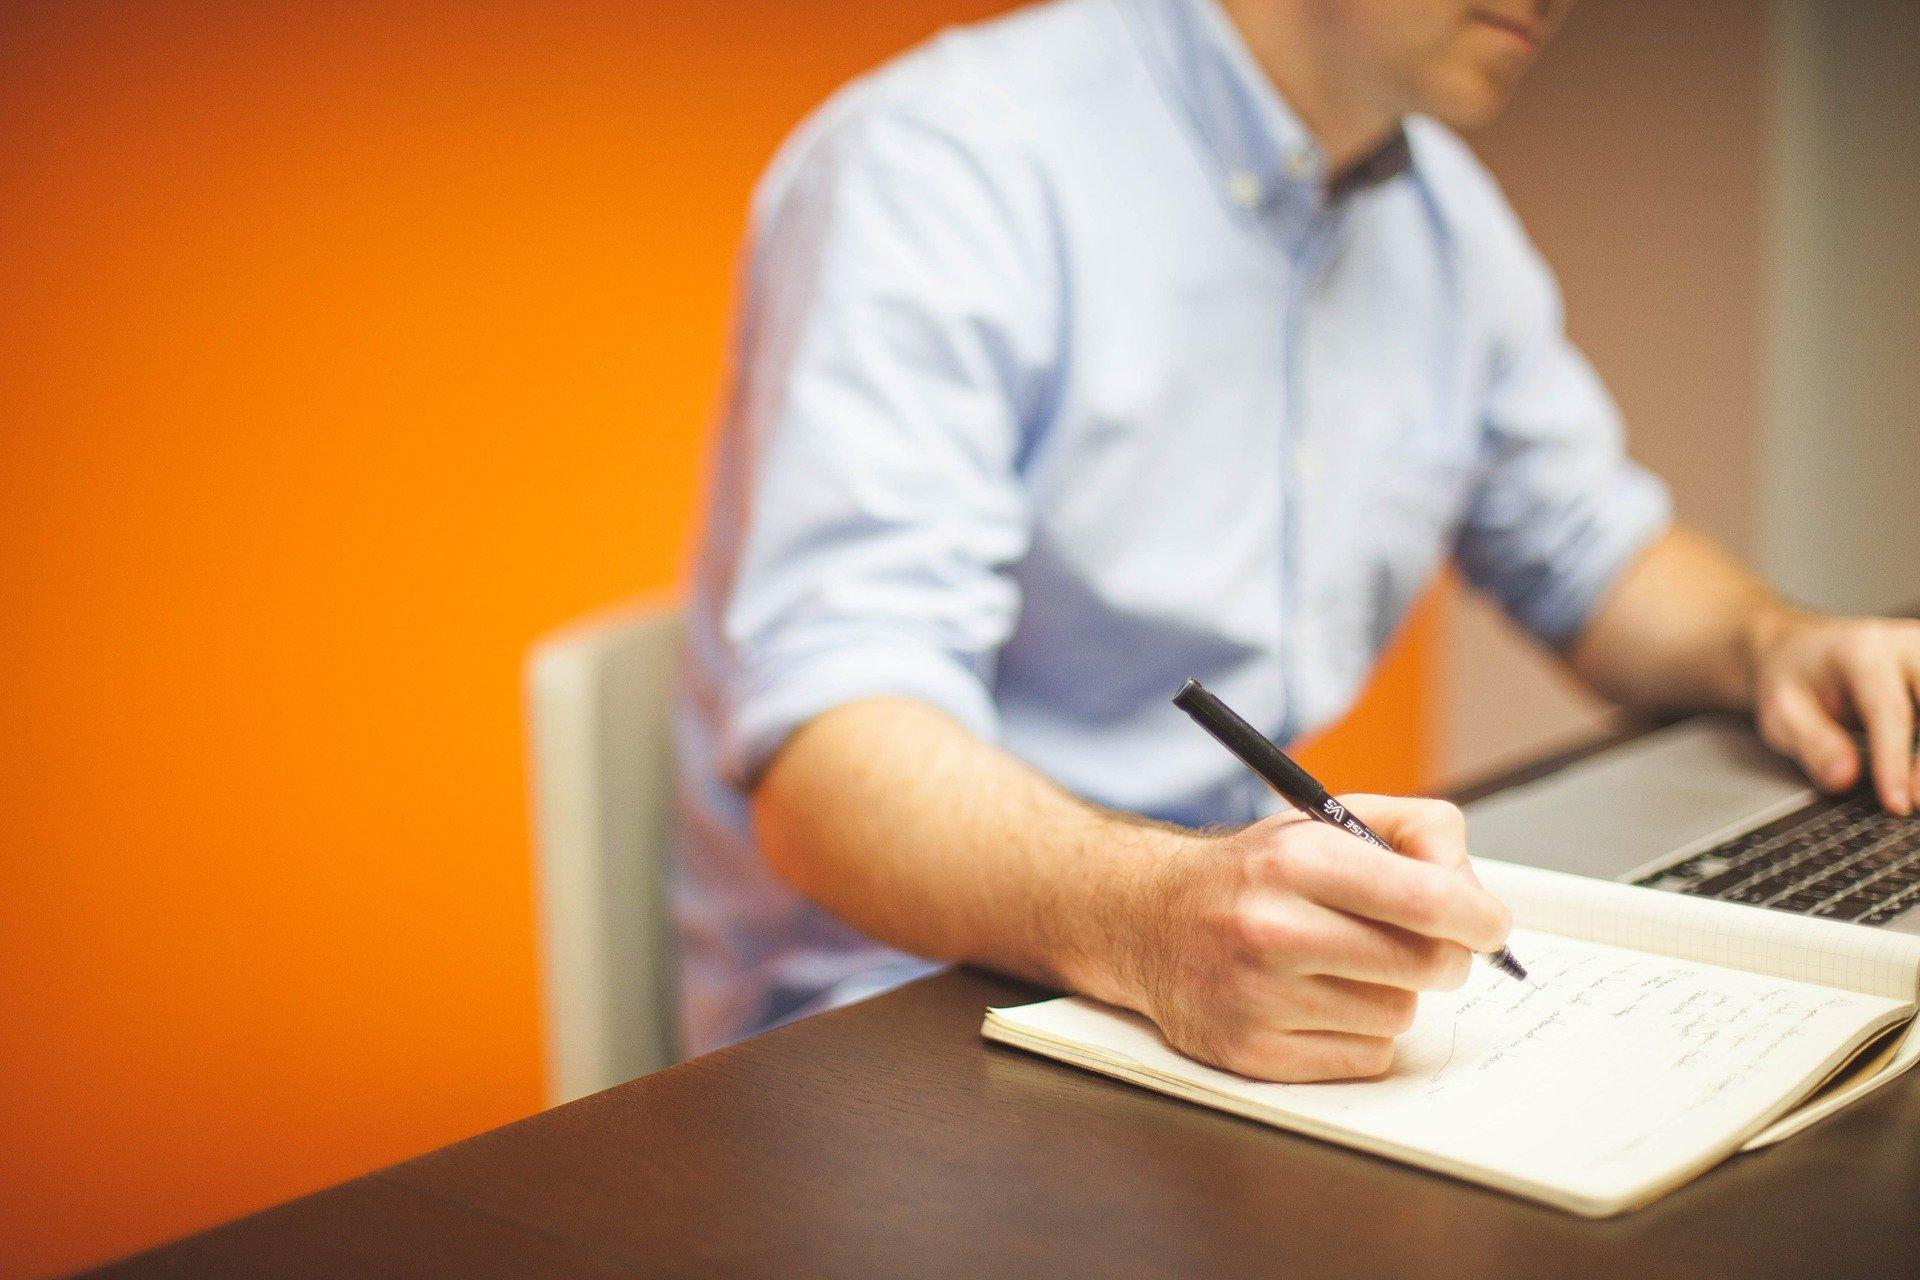 O desenvolvimento de aplicativos para gestão de negócios